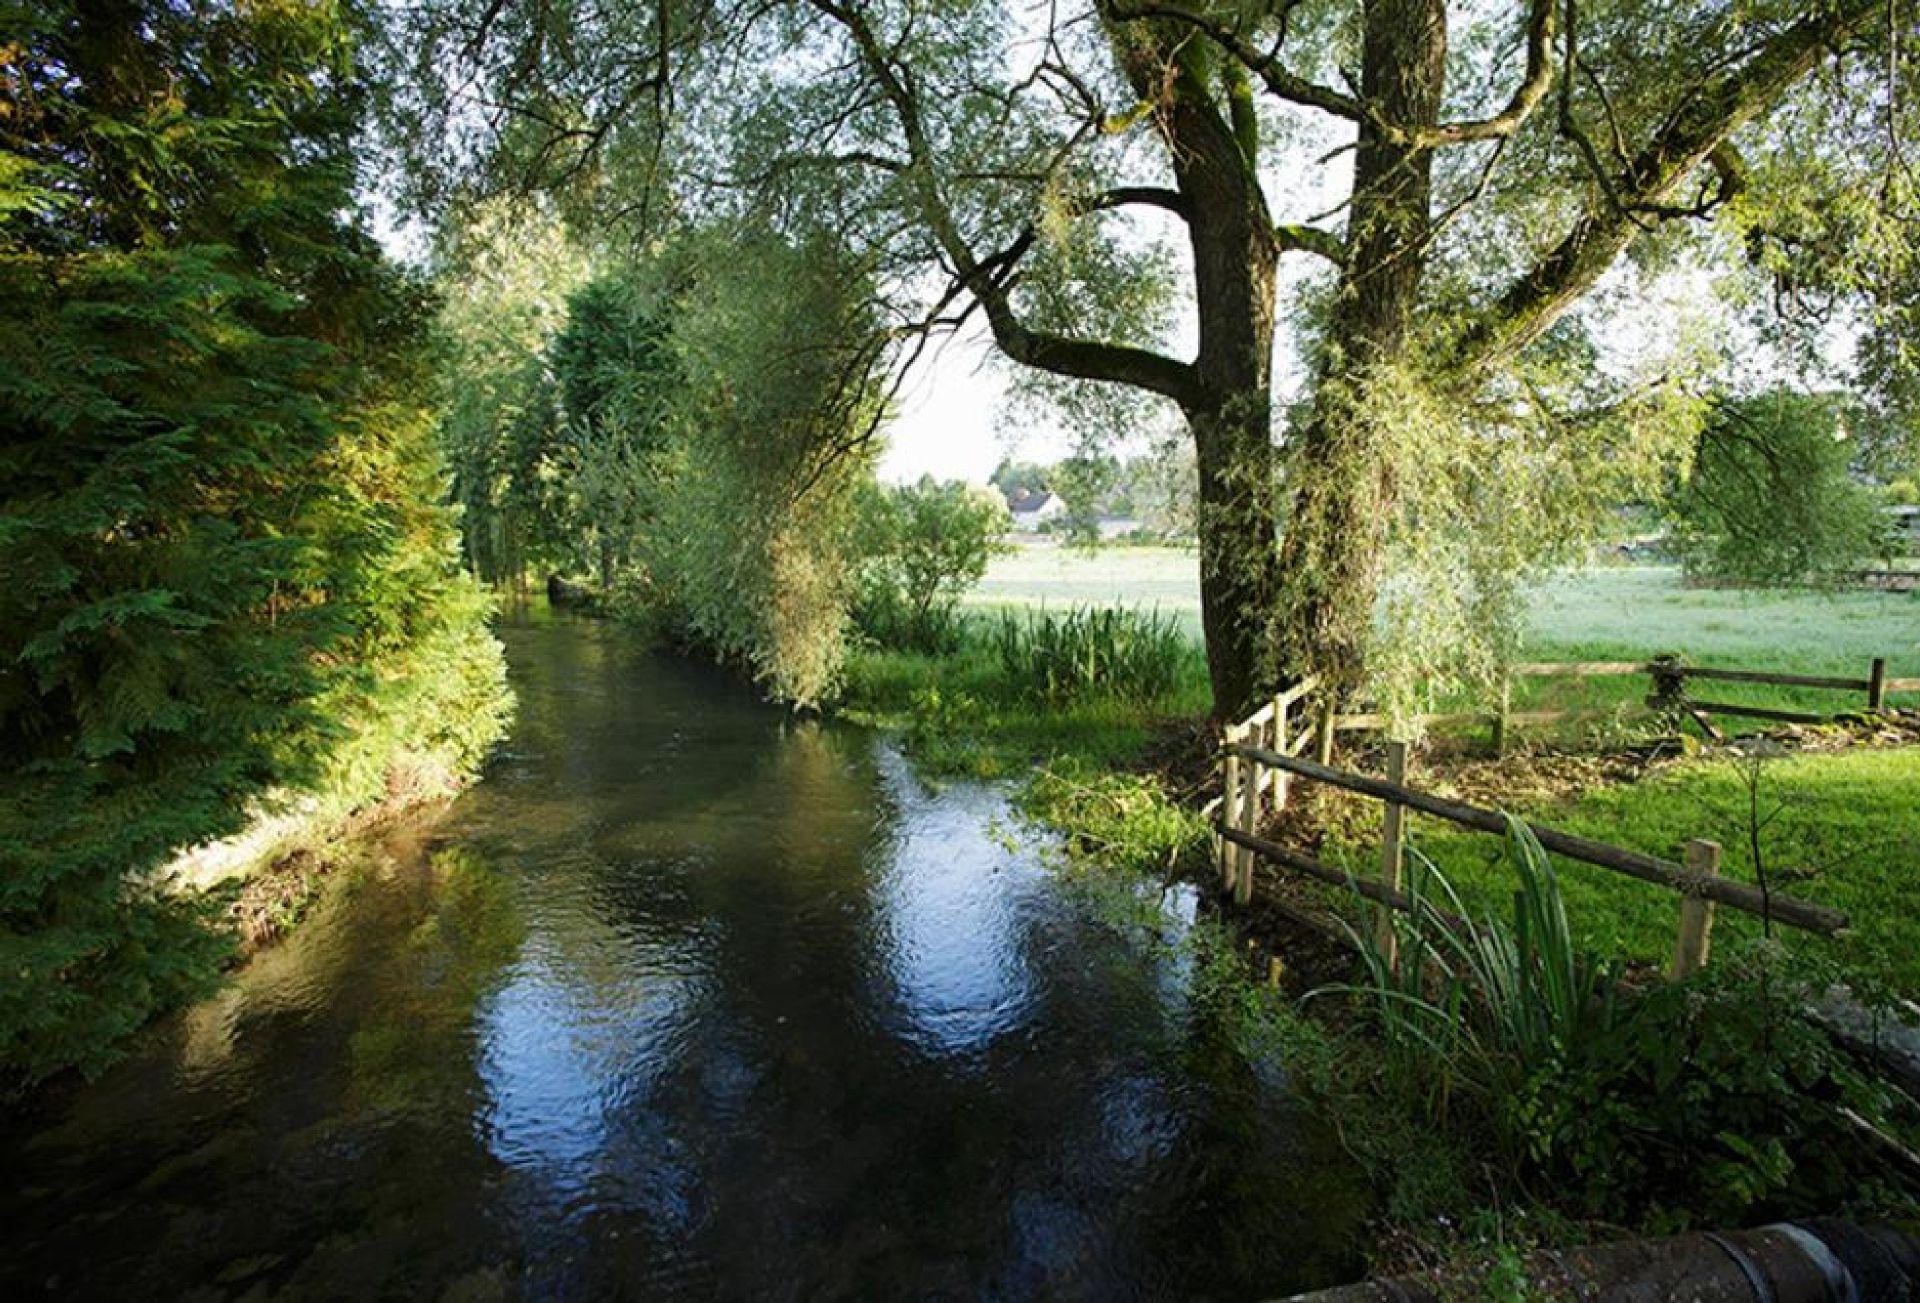 The river that runs through the village